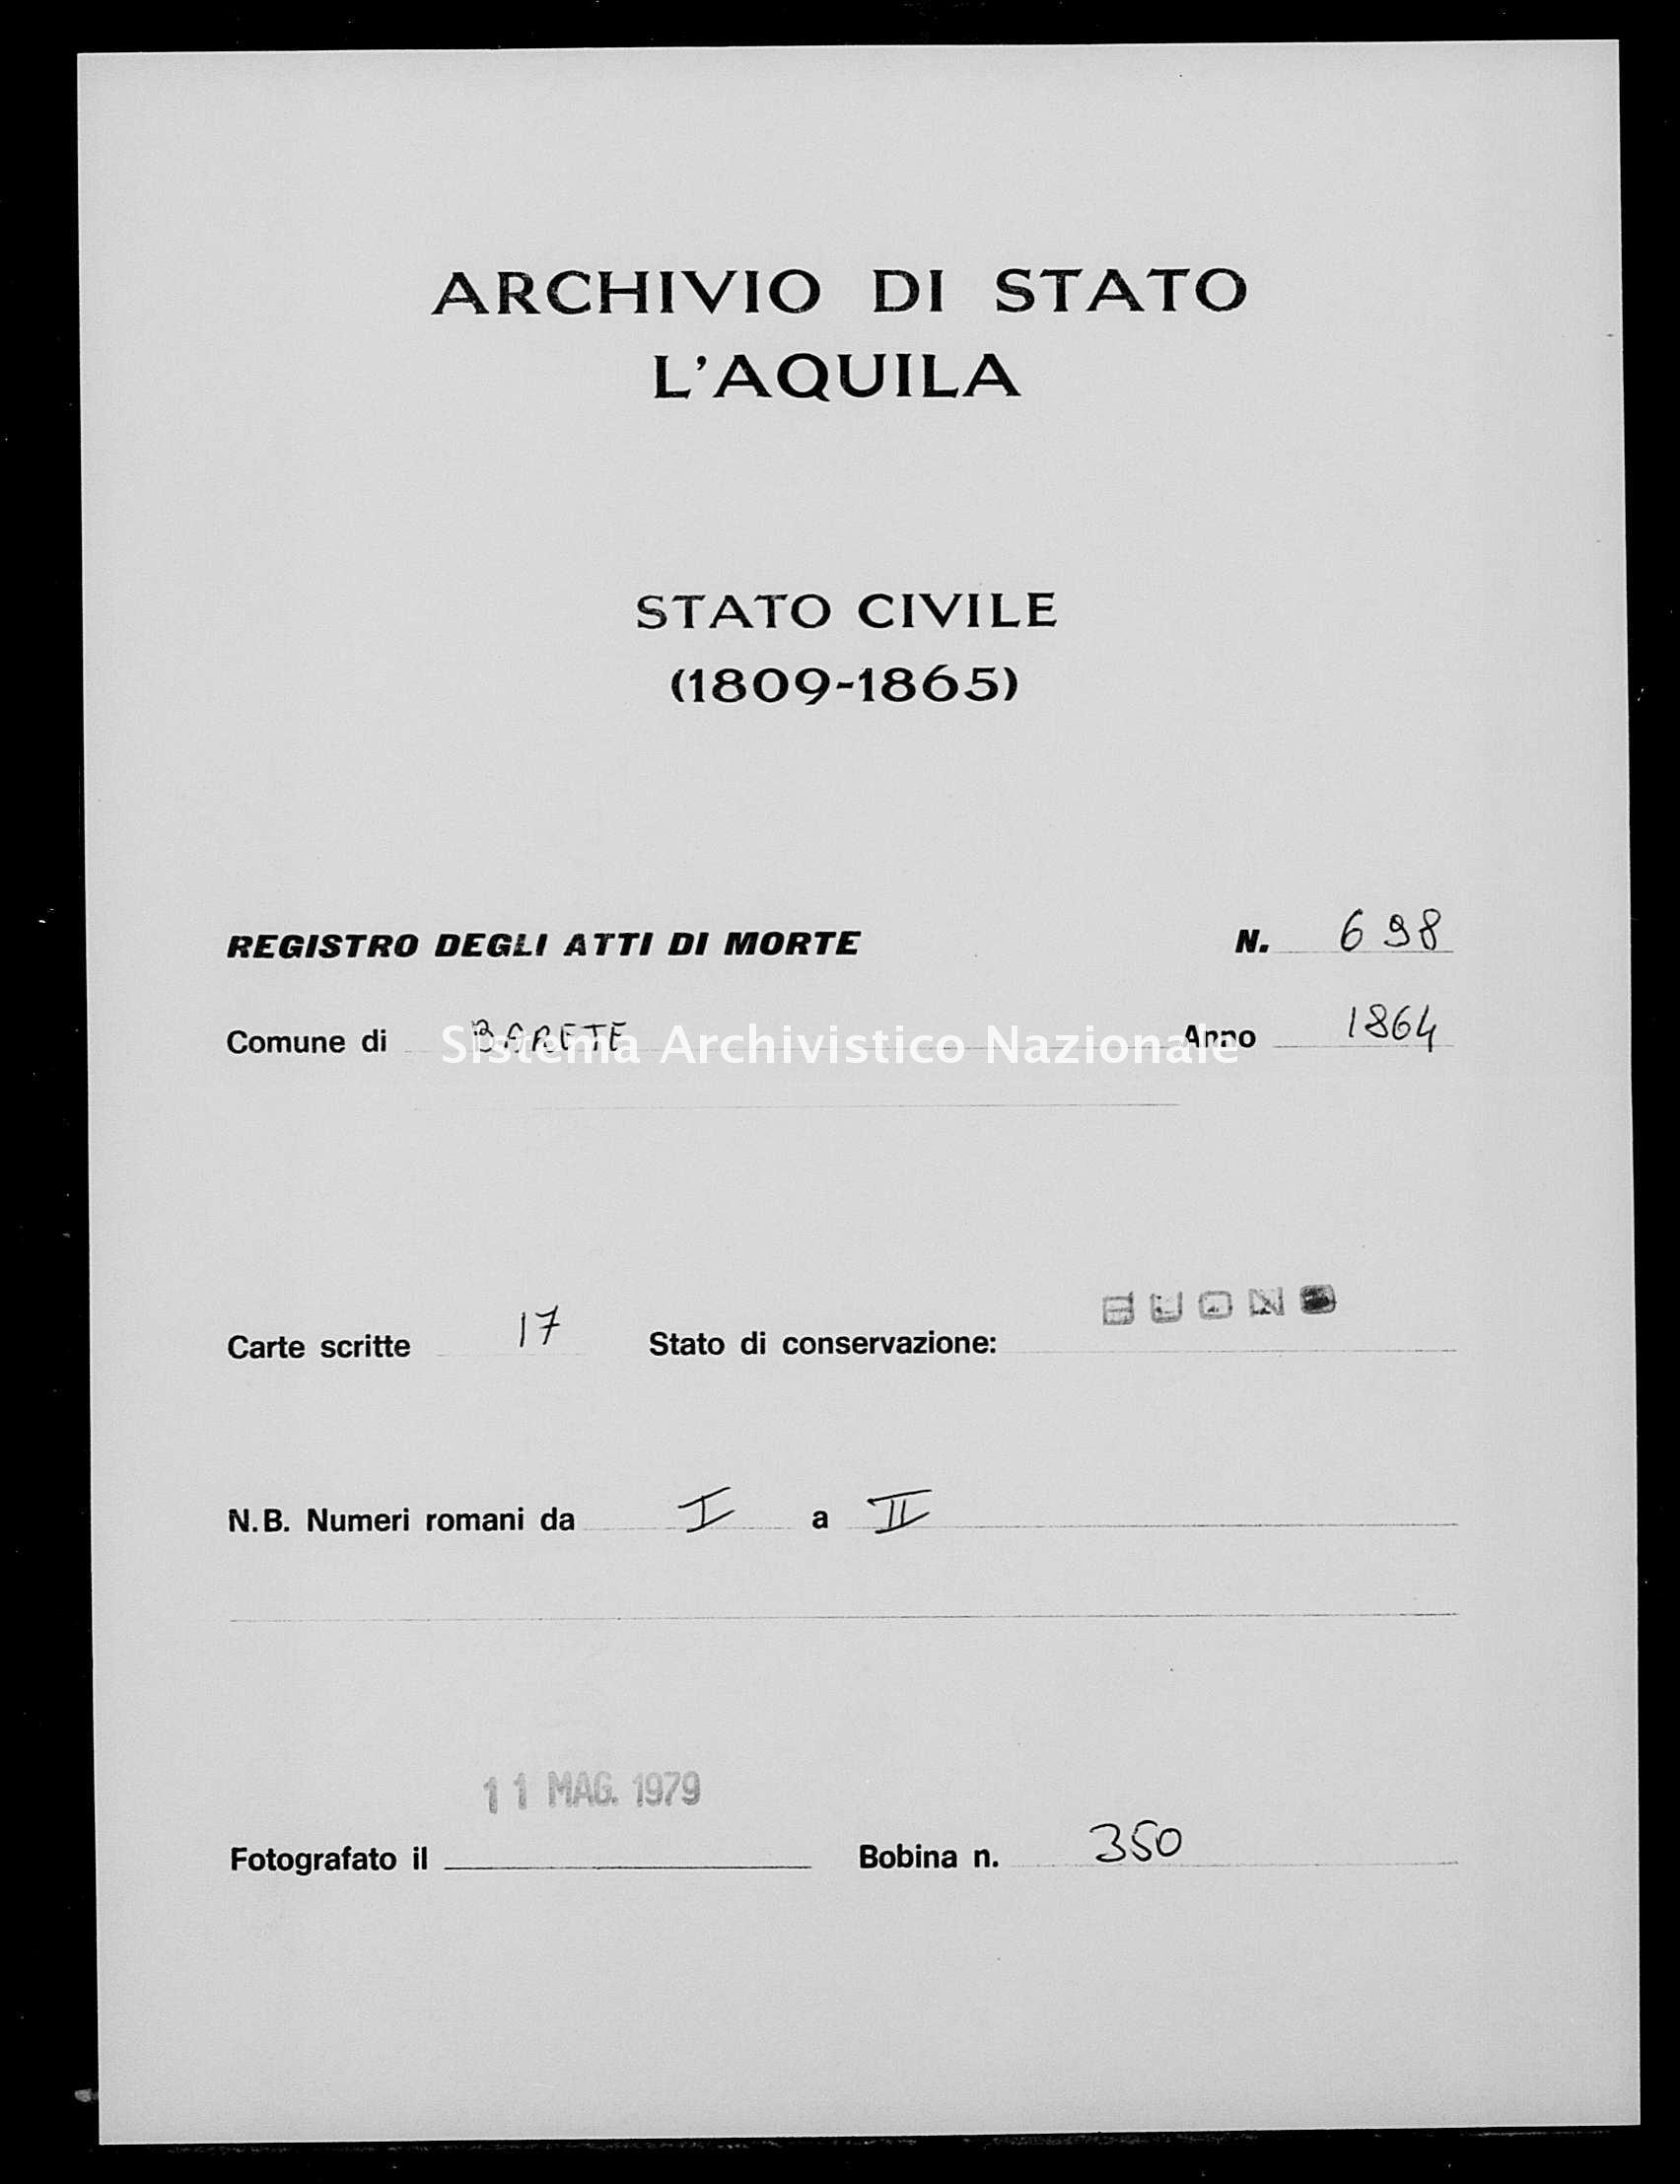 Archivio di stato di L'aquila - Stato civile italiano - Barete - Morti - 1864 - 698 -